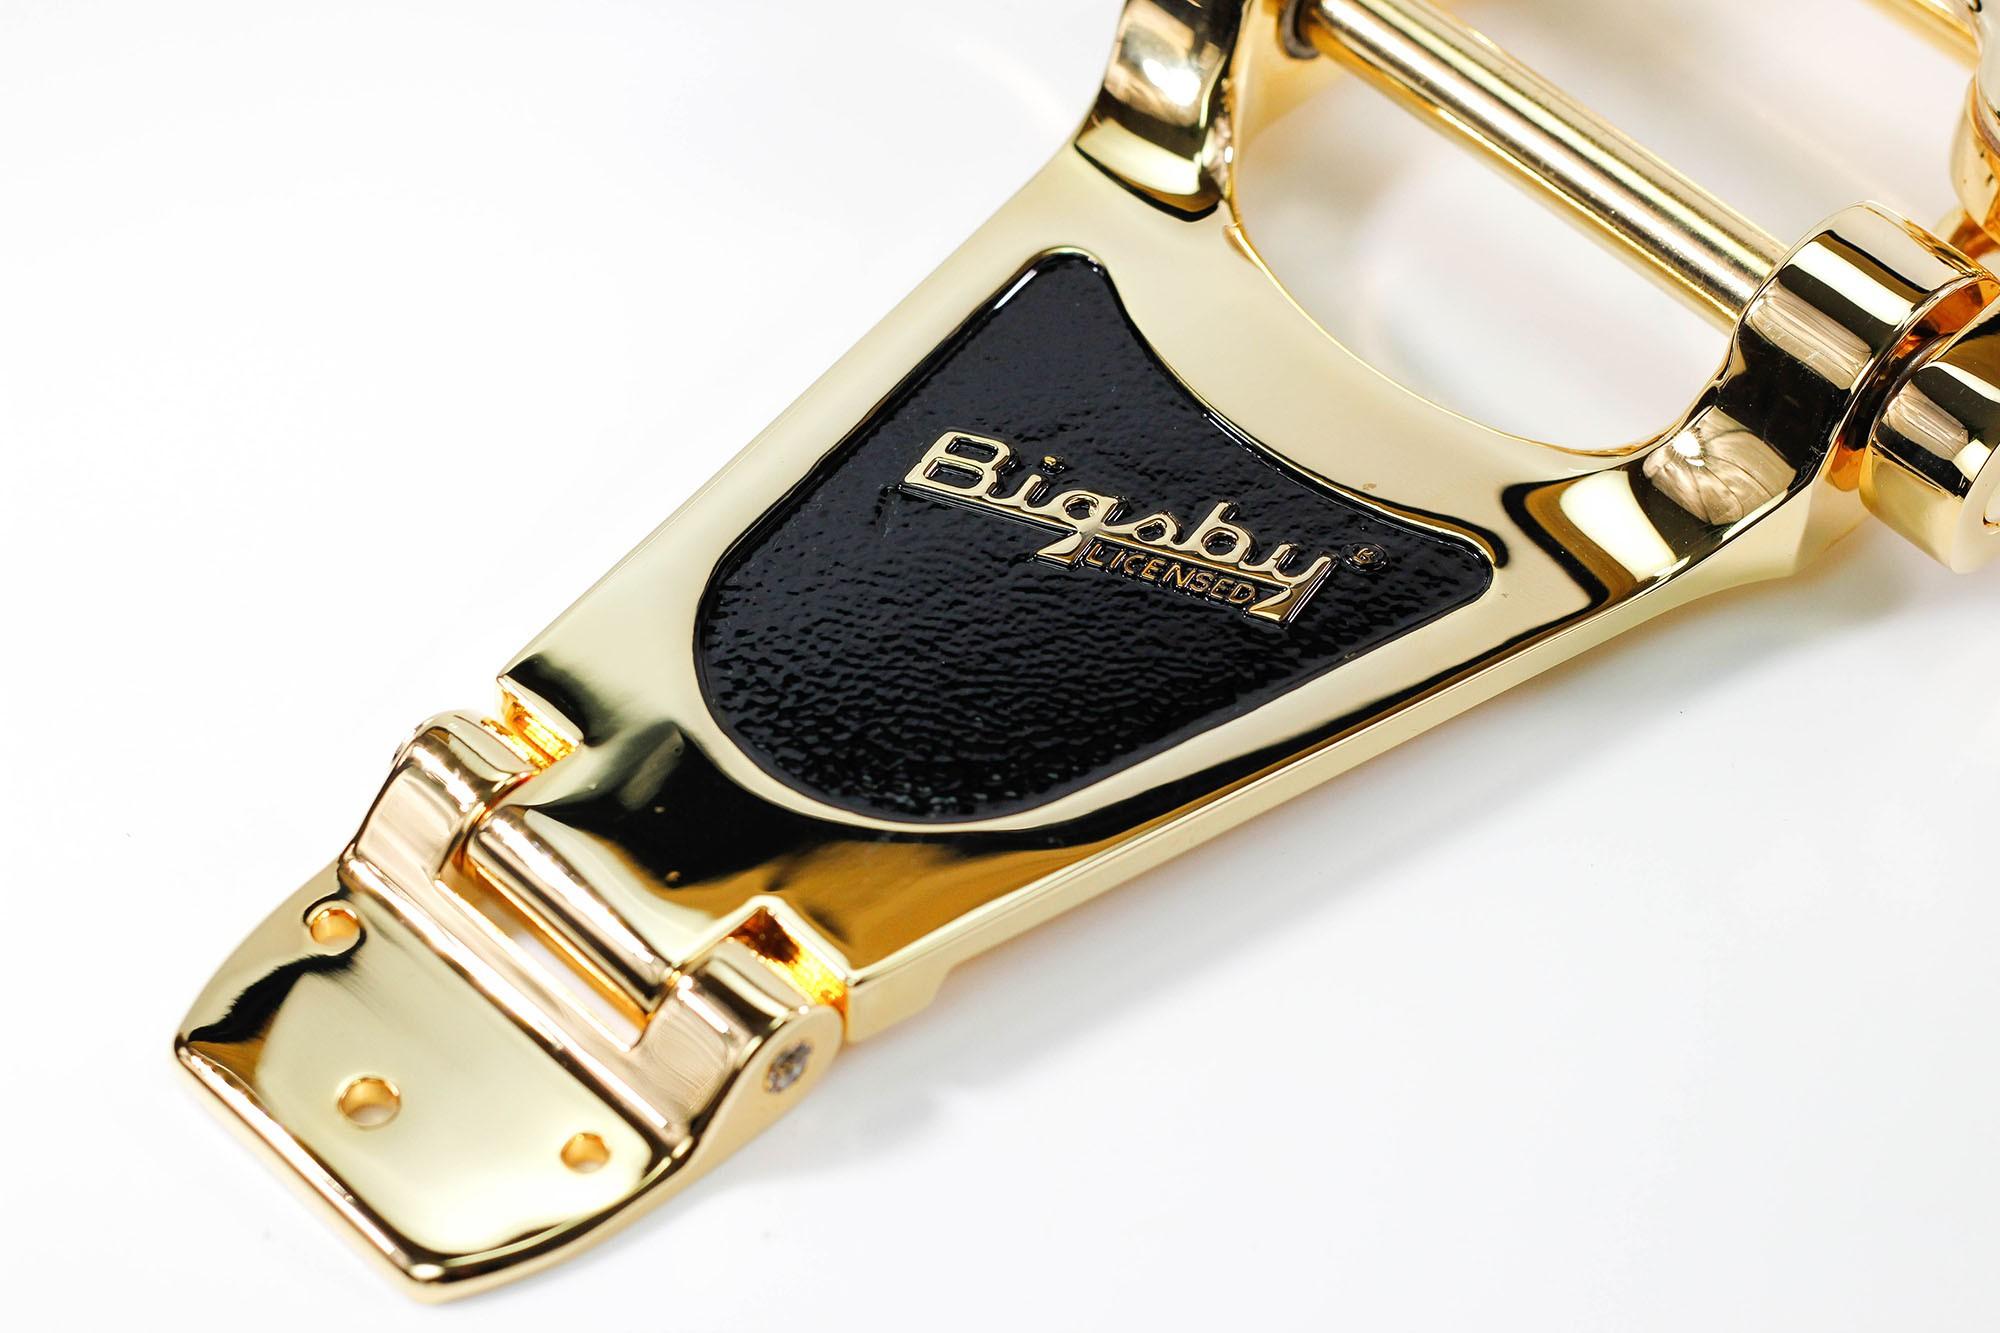 Ponte Guitarra Tremolo Bigsby B70 Dourada Original